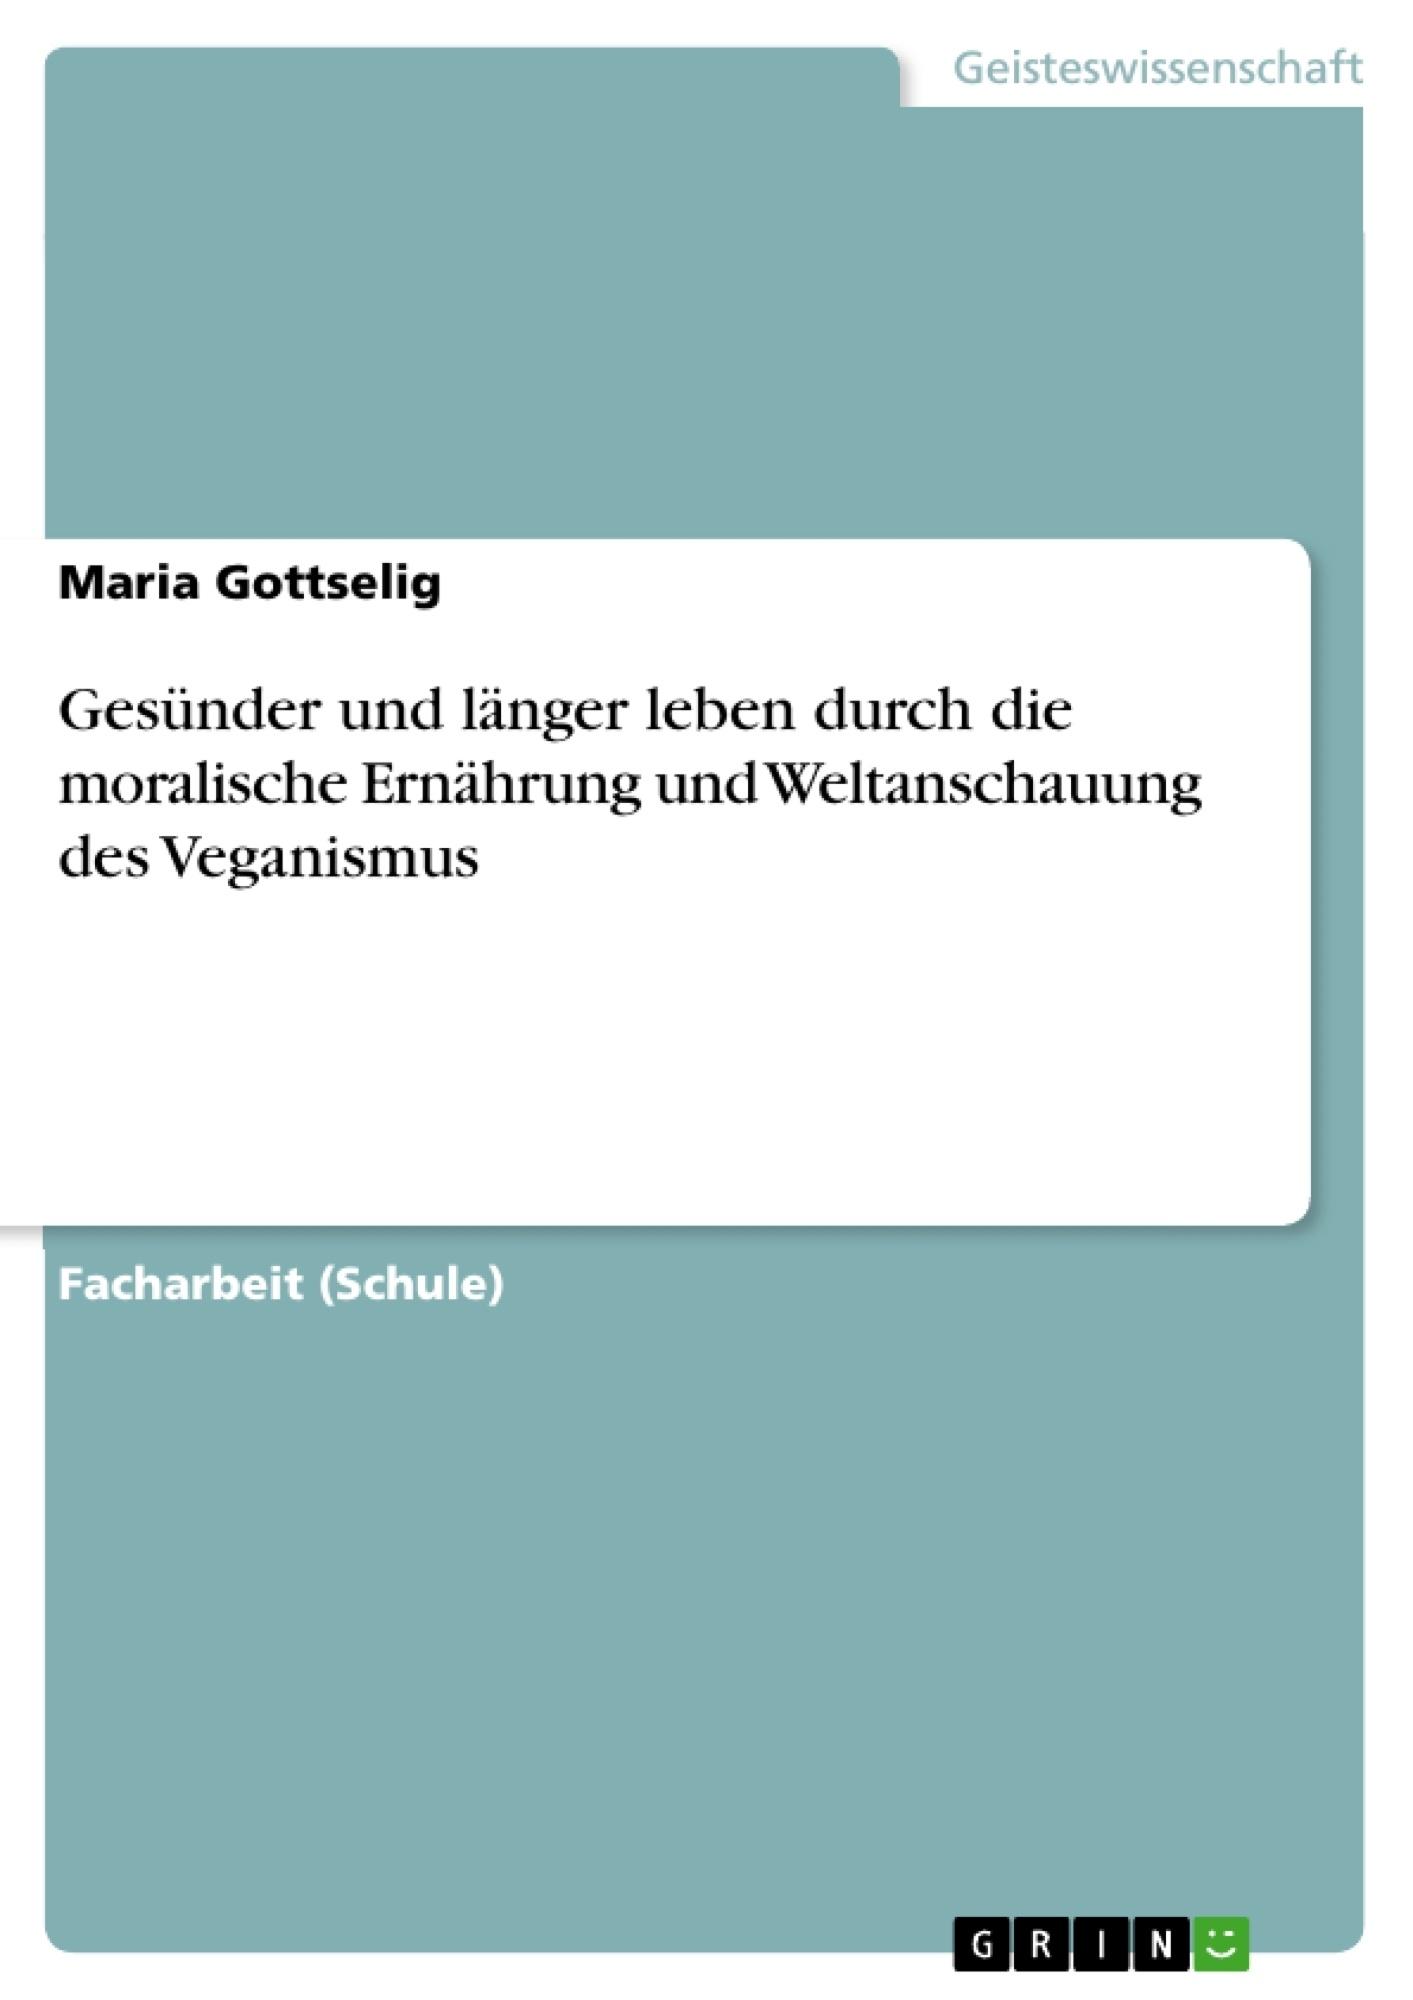 Titel: Gesünder und länger leben durch die moralische Ernährung und Weltanschauung des Veganismus